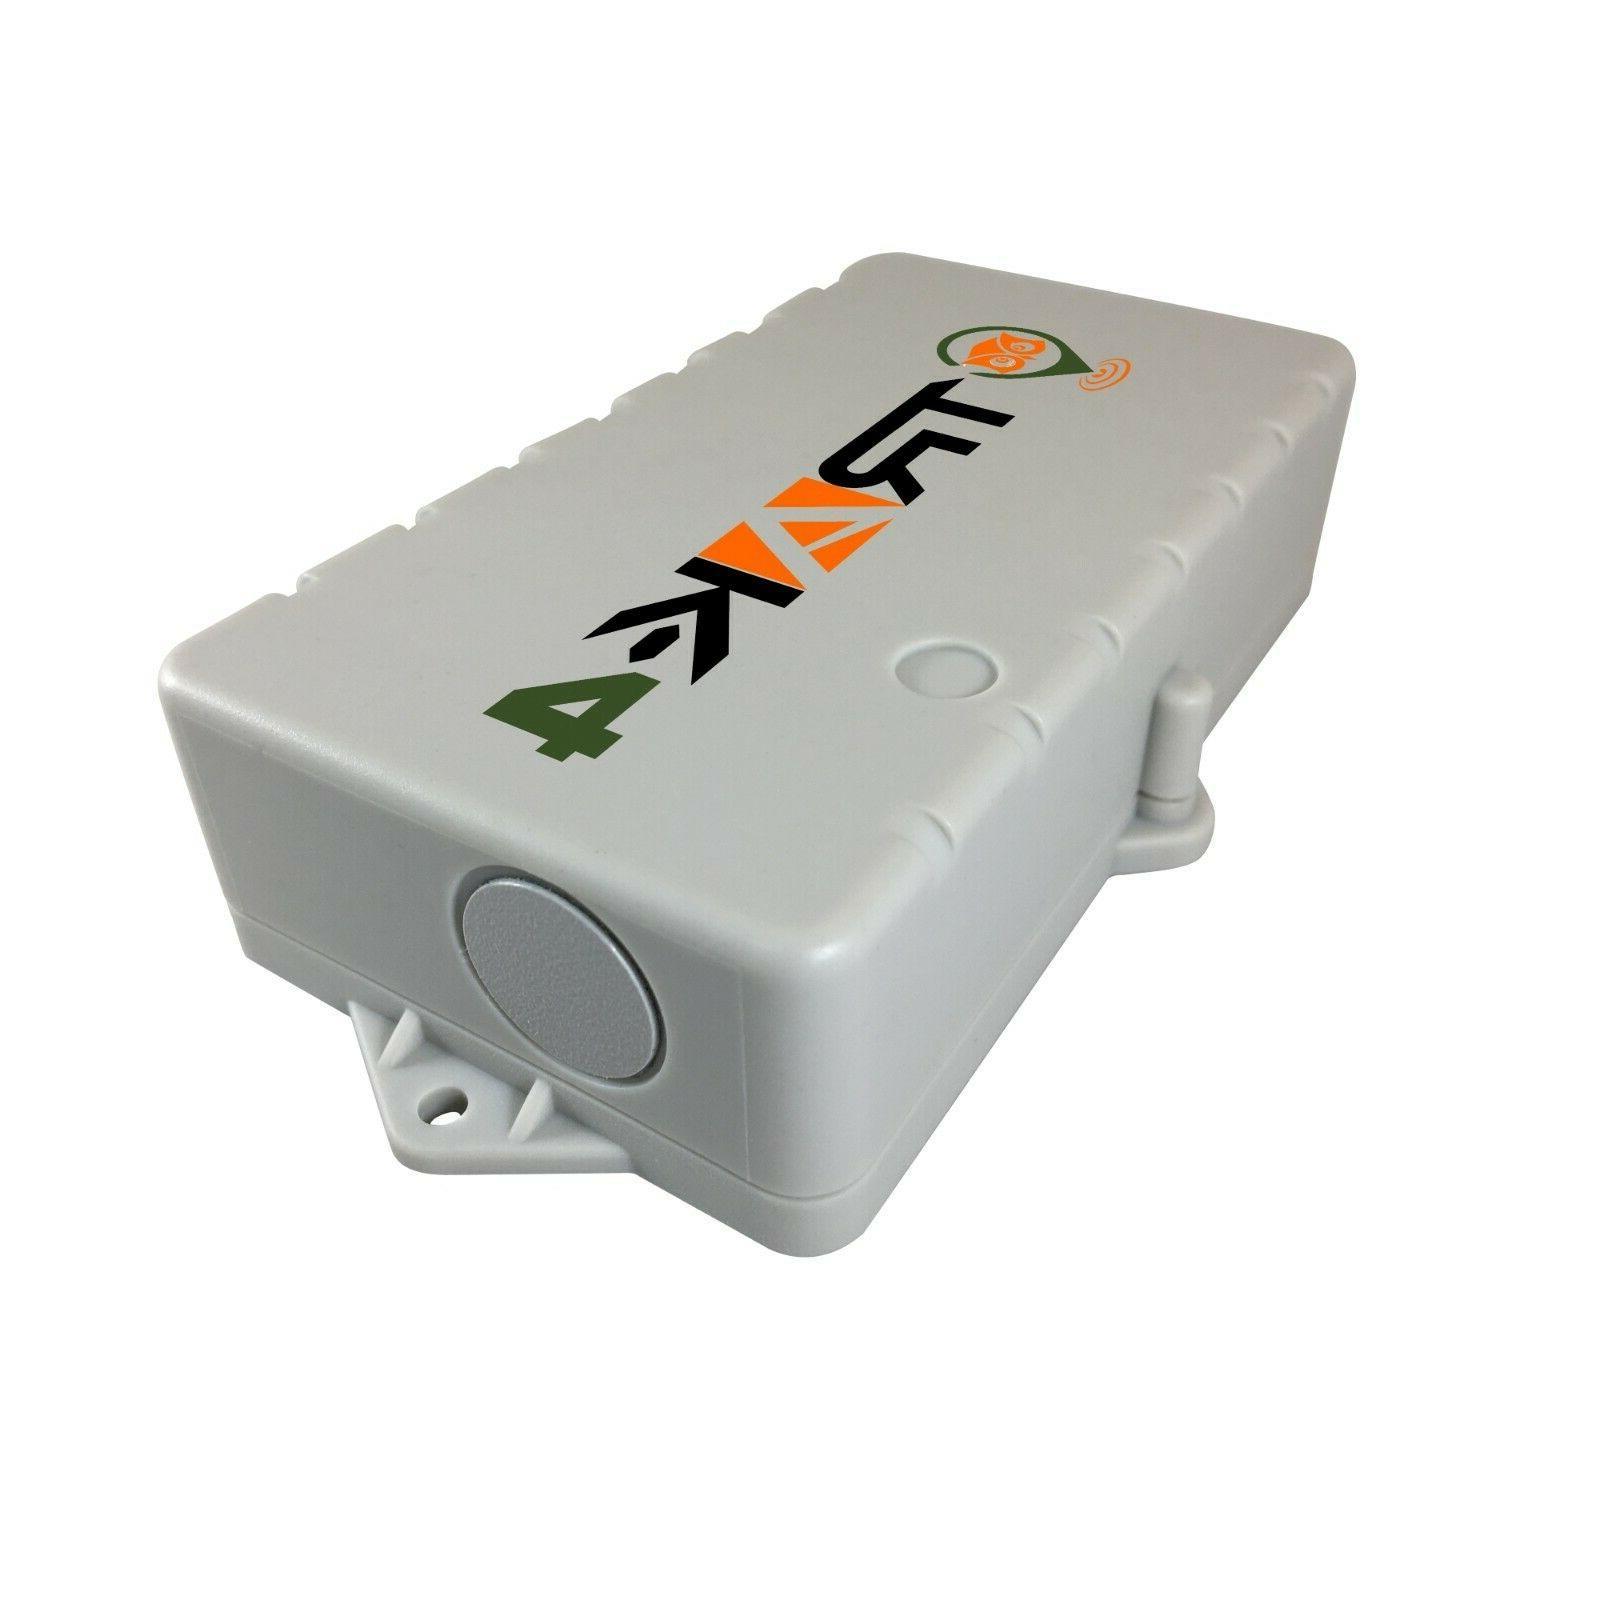 mobile gps tracker